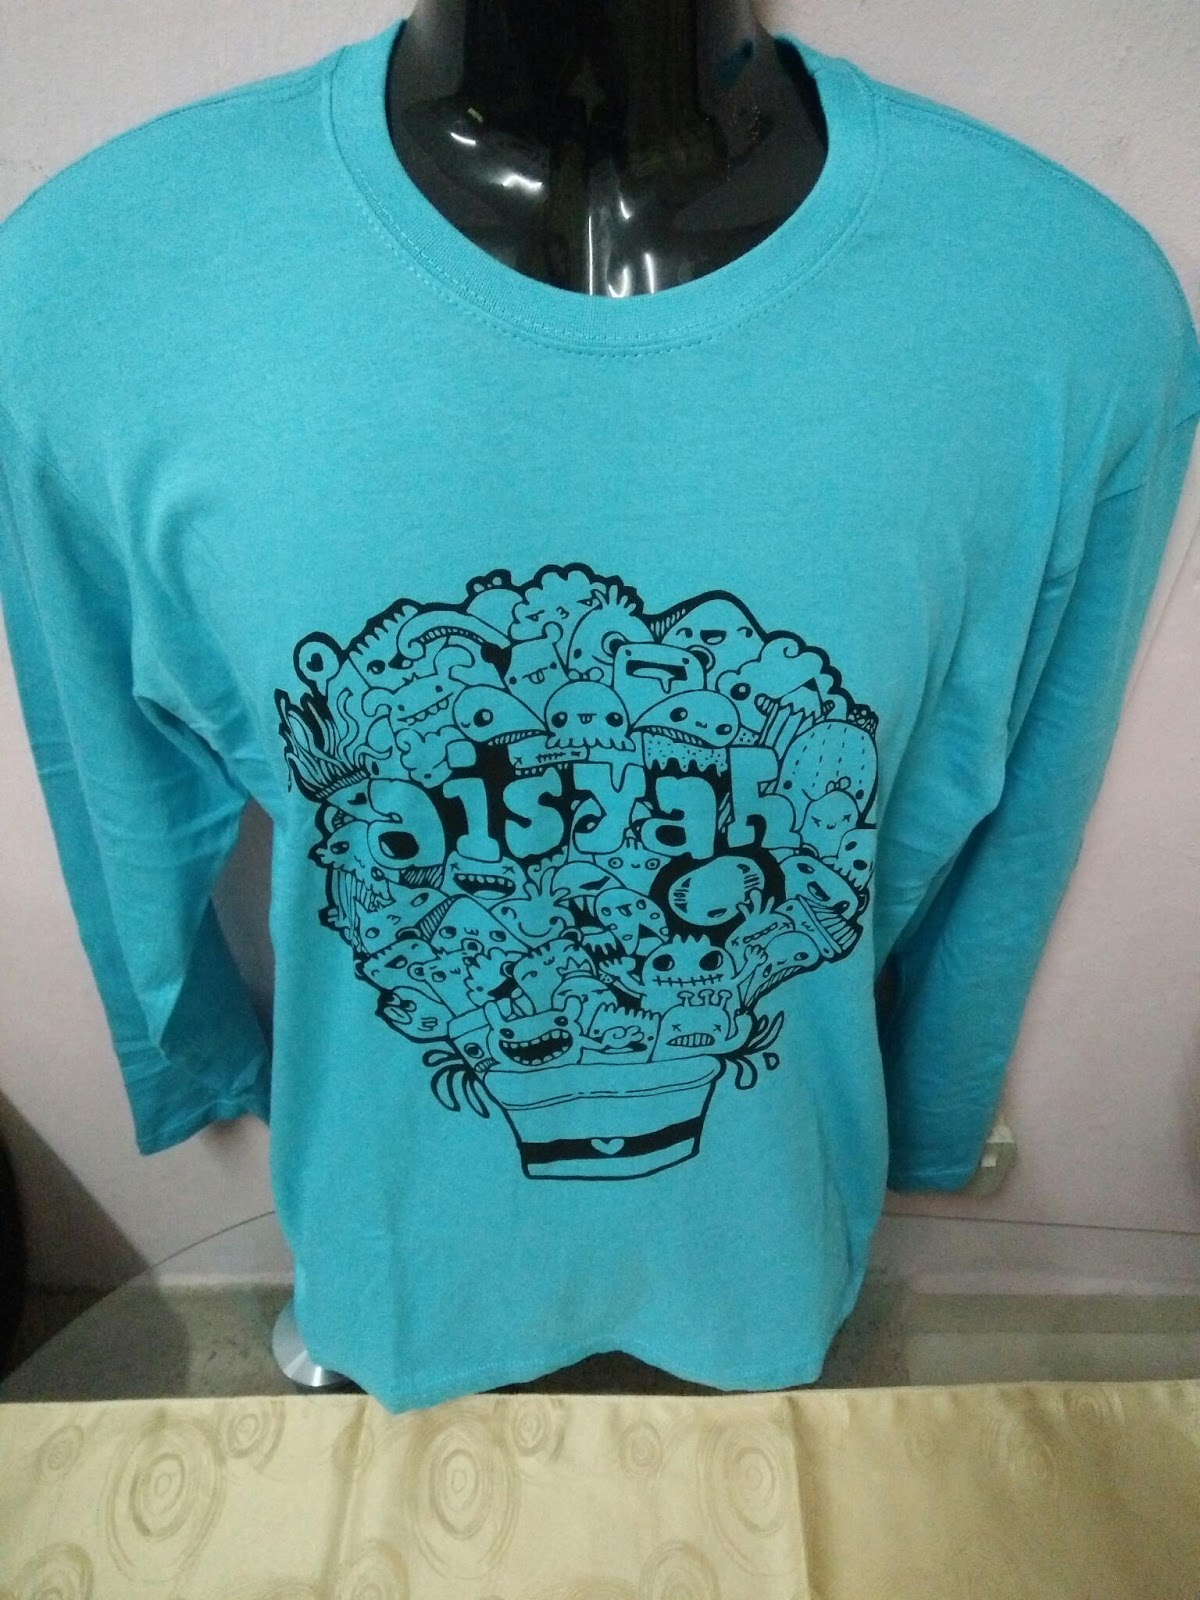 Design baju t shirt kelas - Tempahan Tshirt Kelas Design Sendiri Diterima Pelbagai Saiz Dan Warna Menarik Penghantaran Disediakan Dengan Harga Yang Murah Kualiti Dijamin